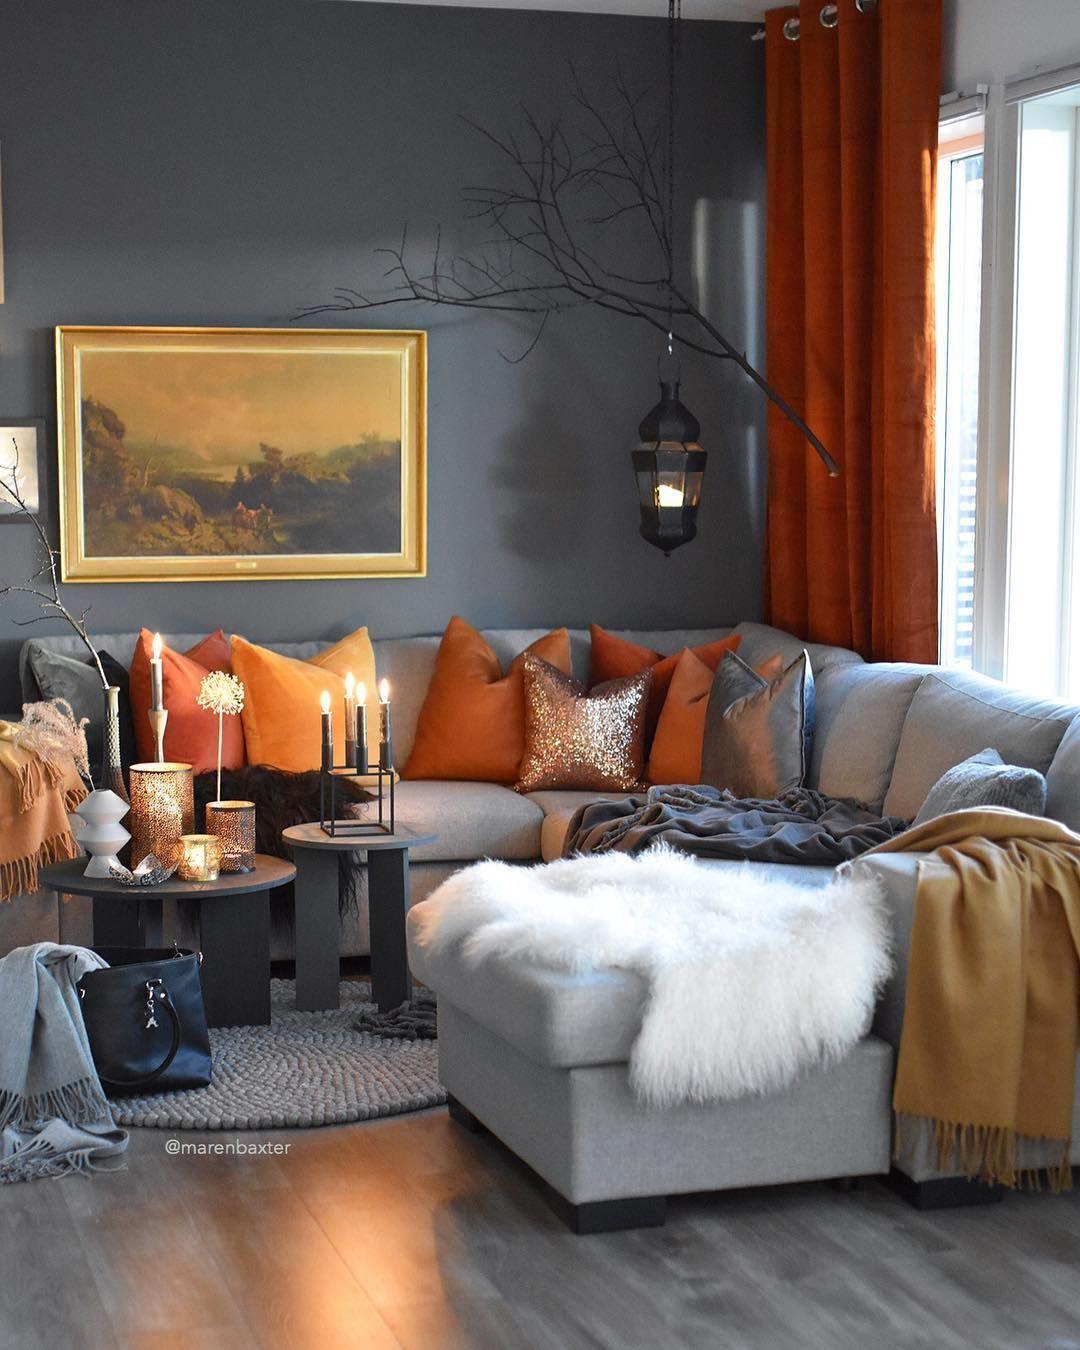 Cosy Living Room Decor Ideas Popsugar Home Uk Living Room Decor Cozy Cosy Living Room Decor Living Room Decor Apartment